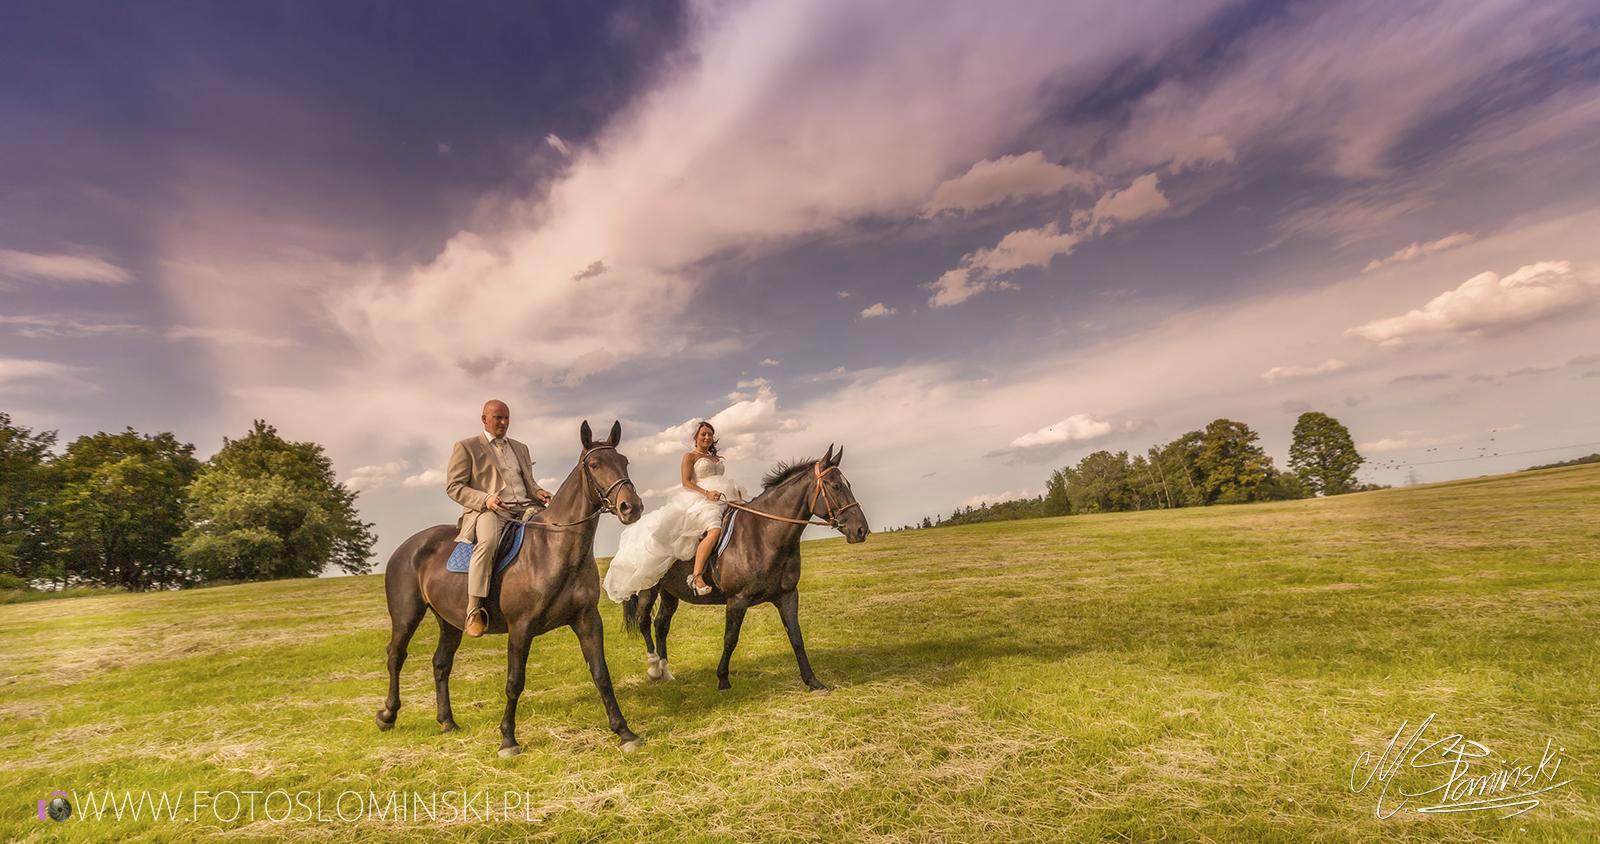 Sesja ślubna w plenerze - Stadnina koni - Zdjęcia koni - sesja na koniach.